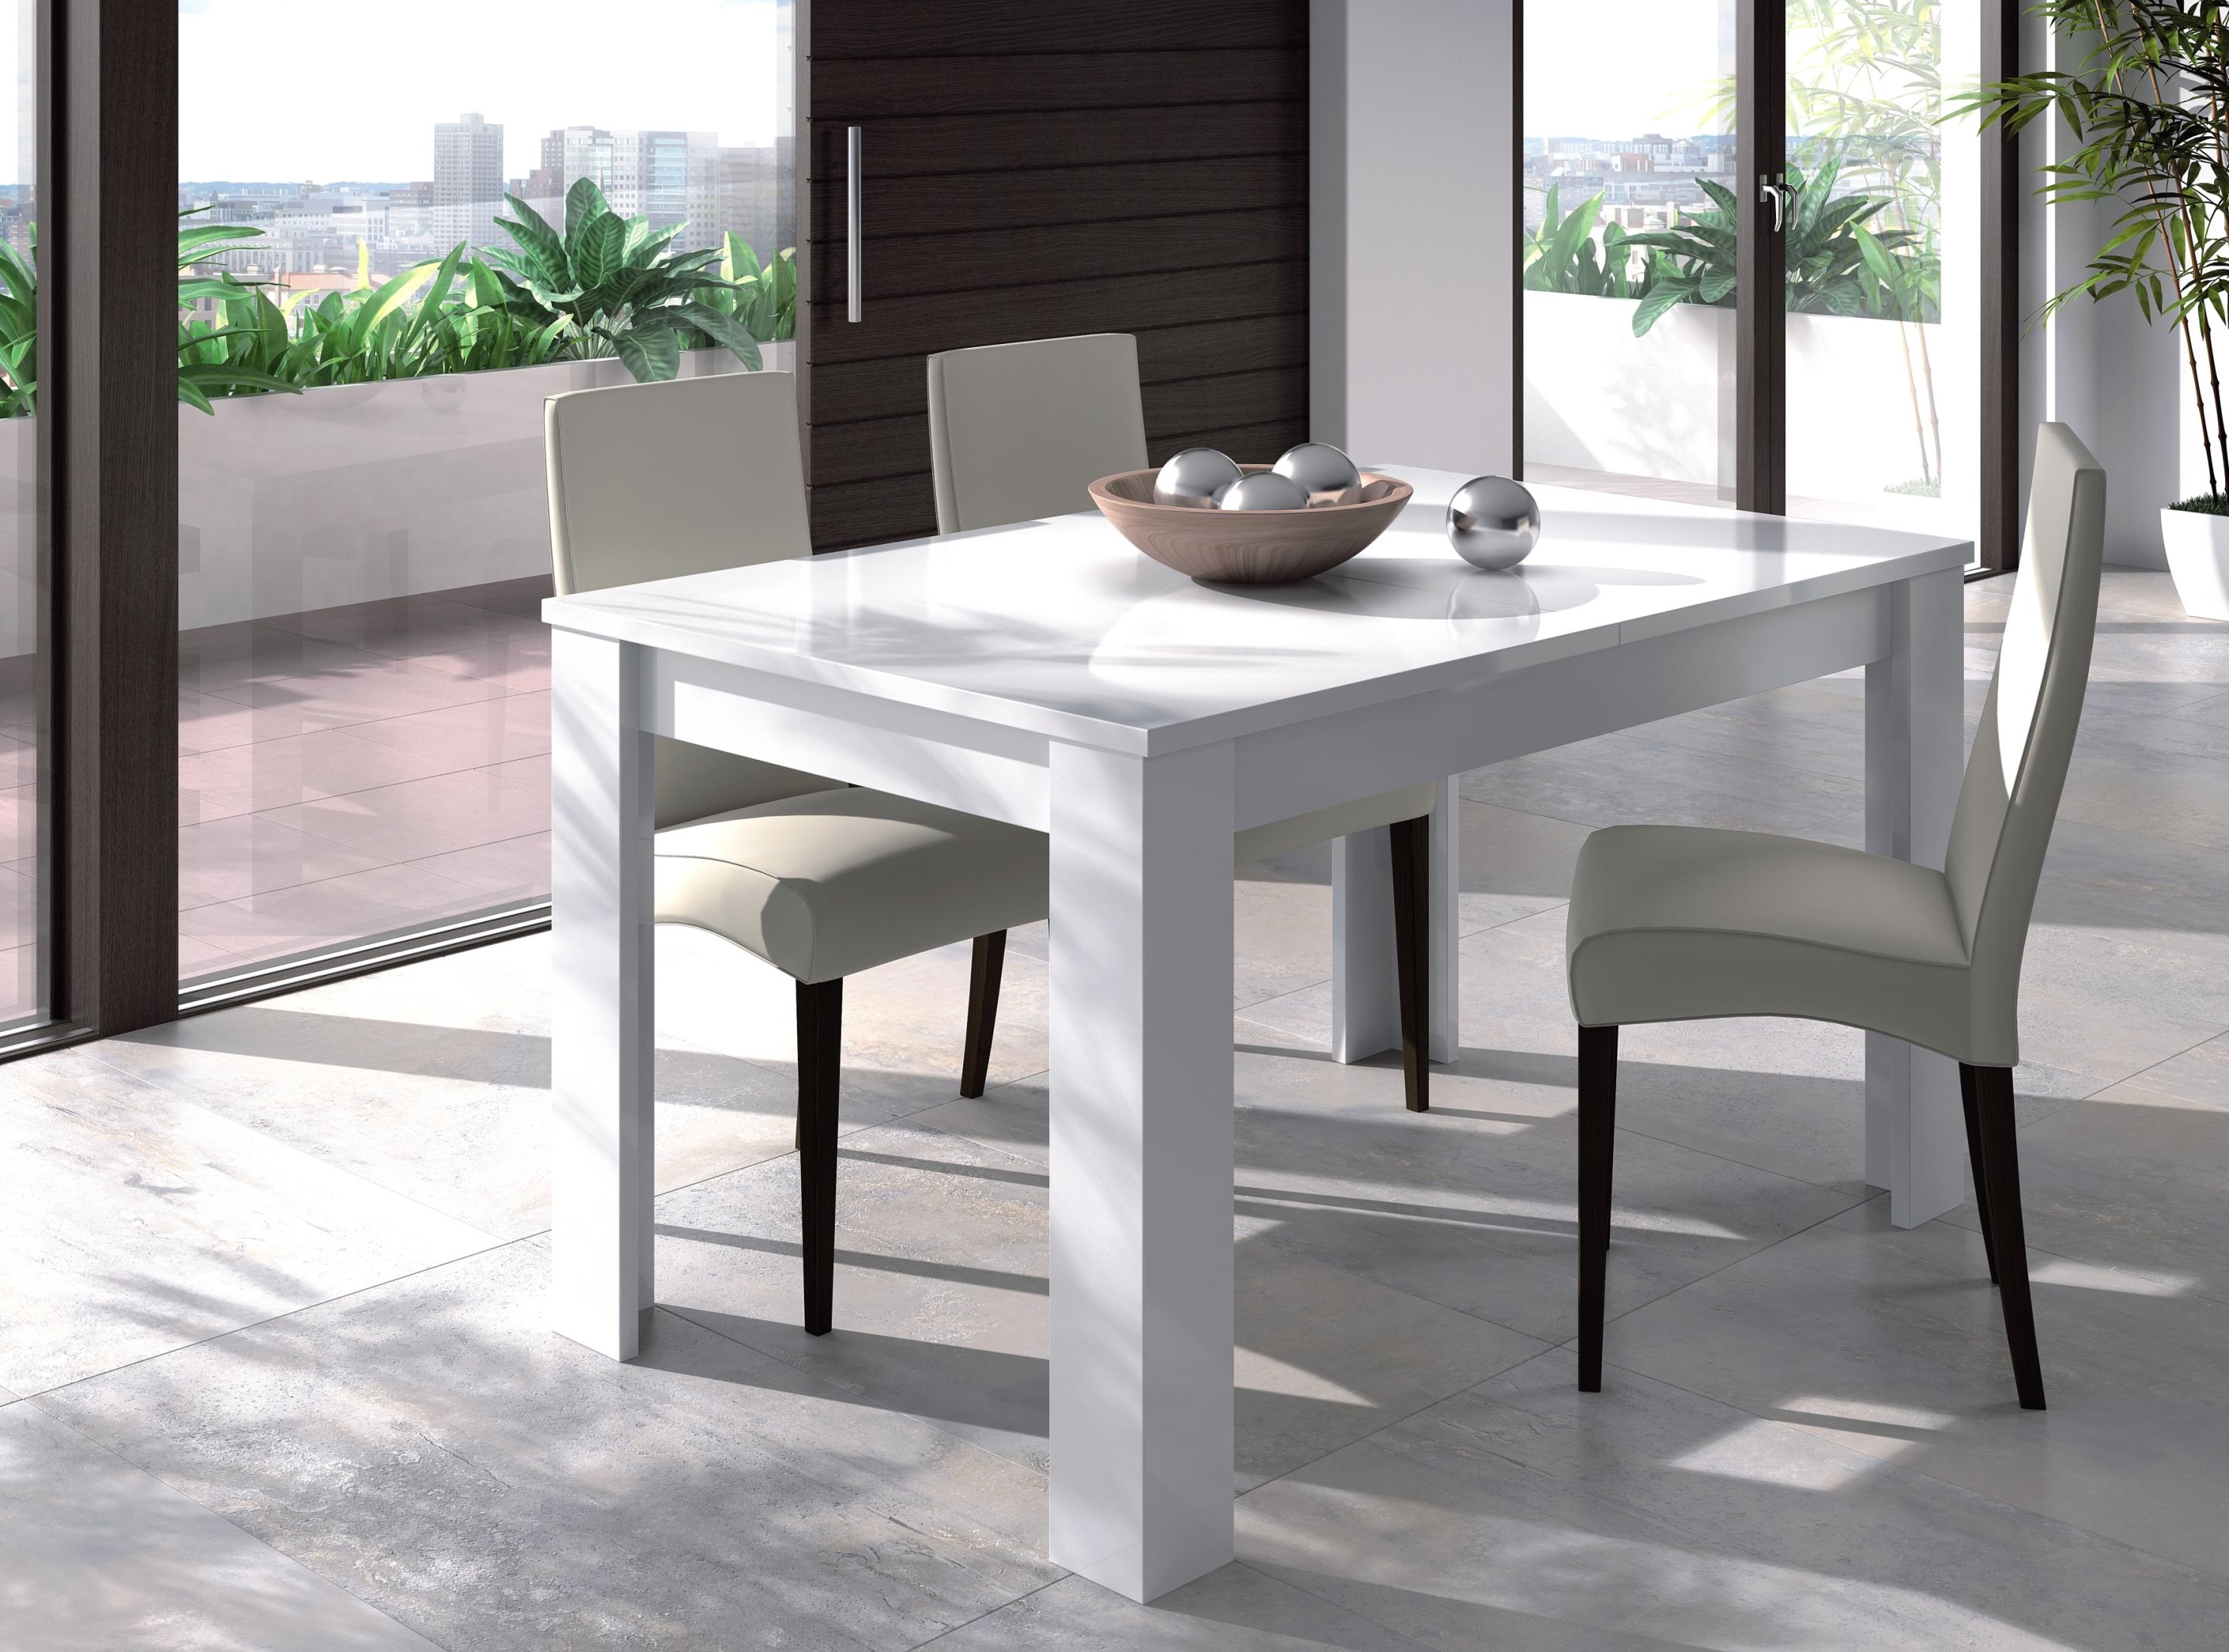 Mesa de comedor sal n extensible mesa de cocina mueble for Mesa salon comedor